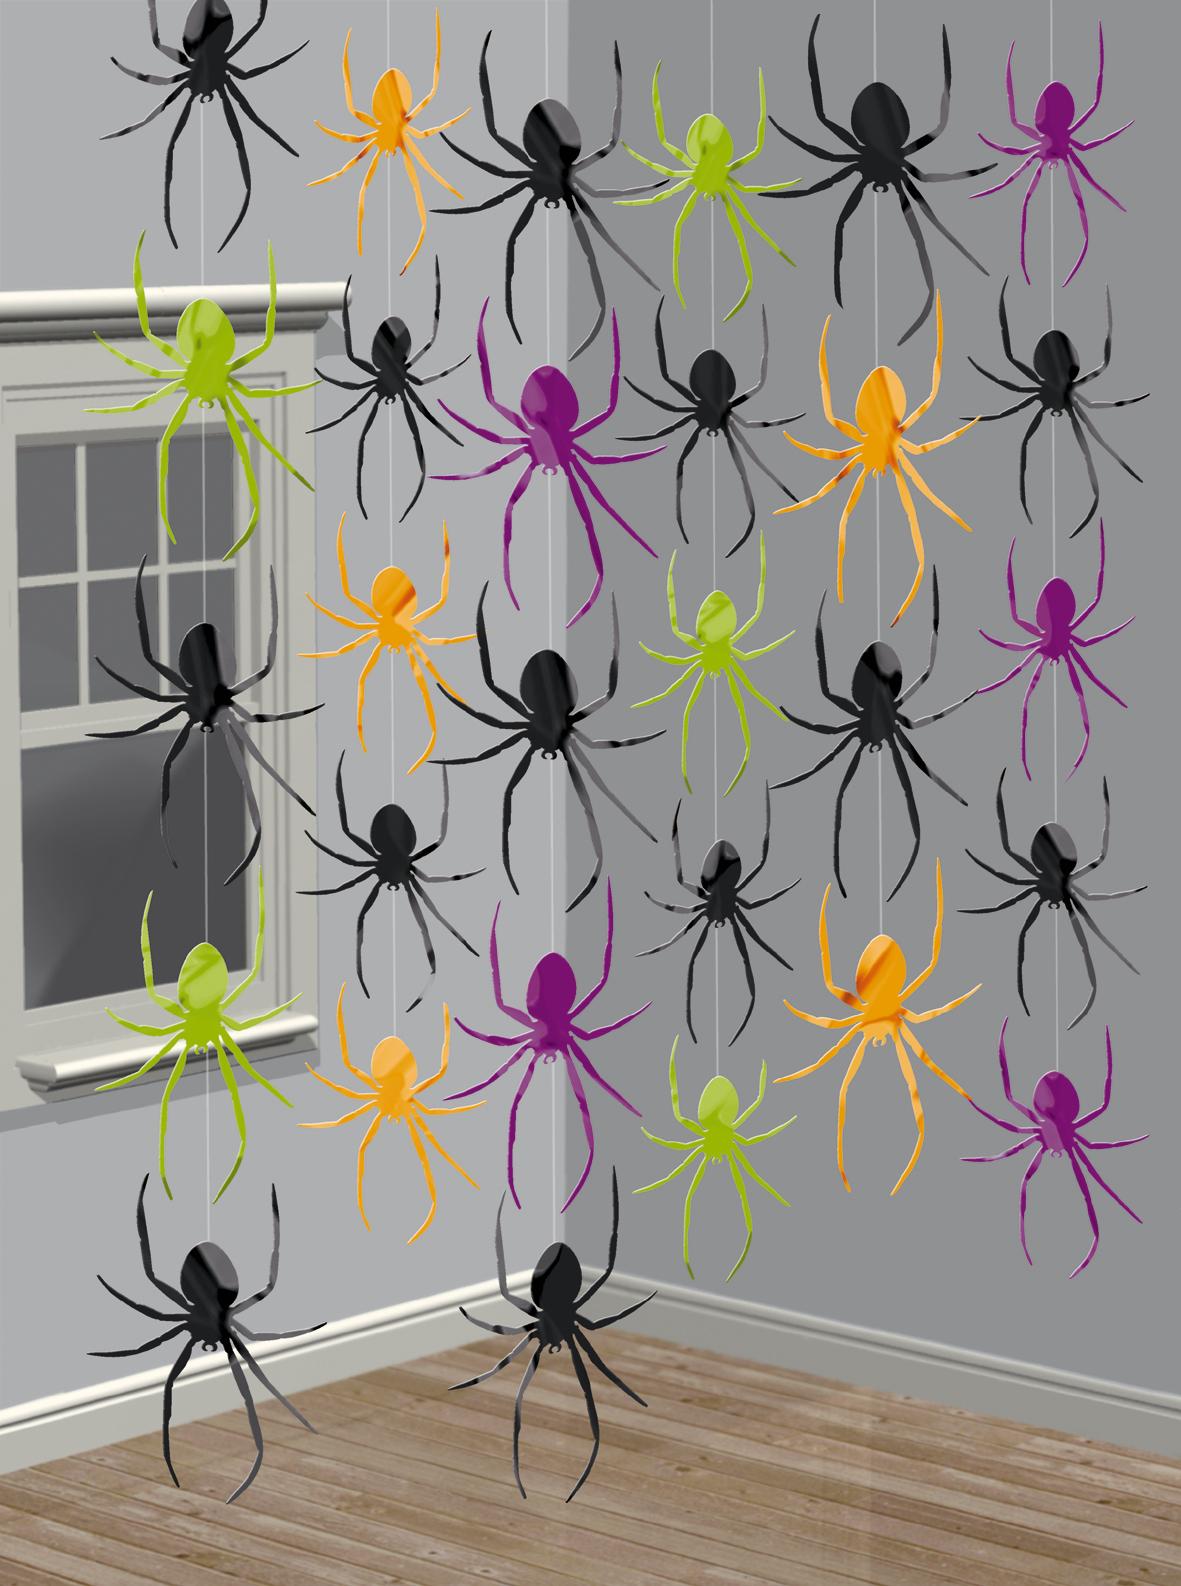 Hangende Spinnen Deckendekoration Trophaen Horror